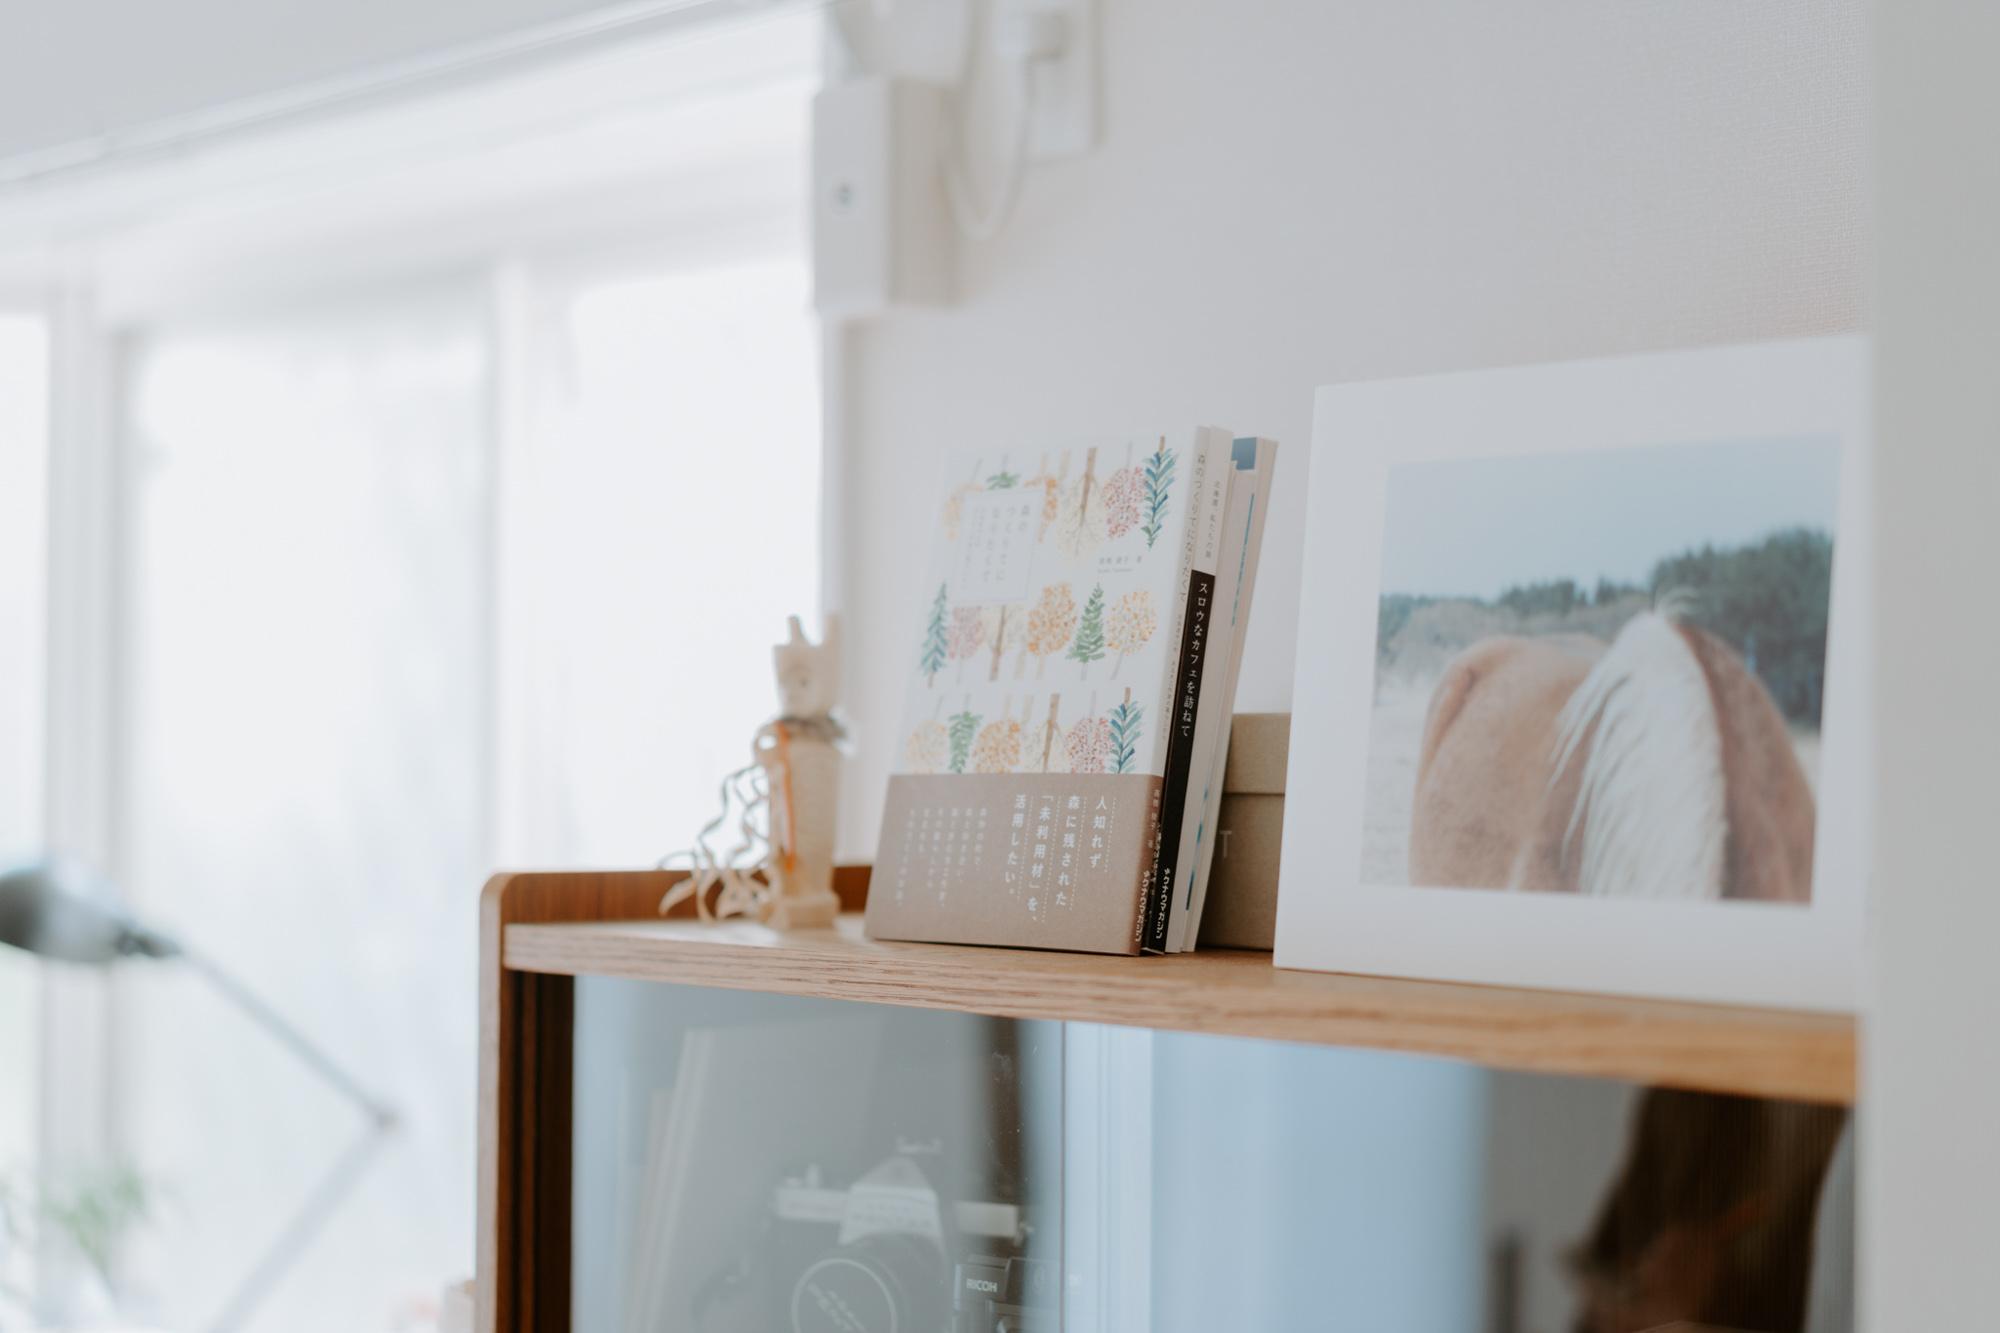 本の見せ方にもこだわっていらっしゃいました。本棚は、目線の高さには好きな装丁の本の表紙を見せて飾ります。季節によって、飾る本を入れ替えることもあるんだそう。